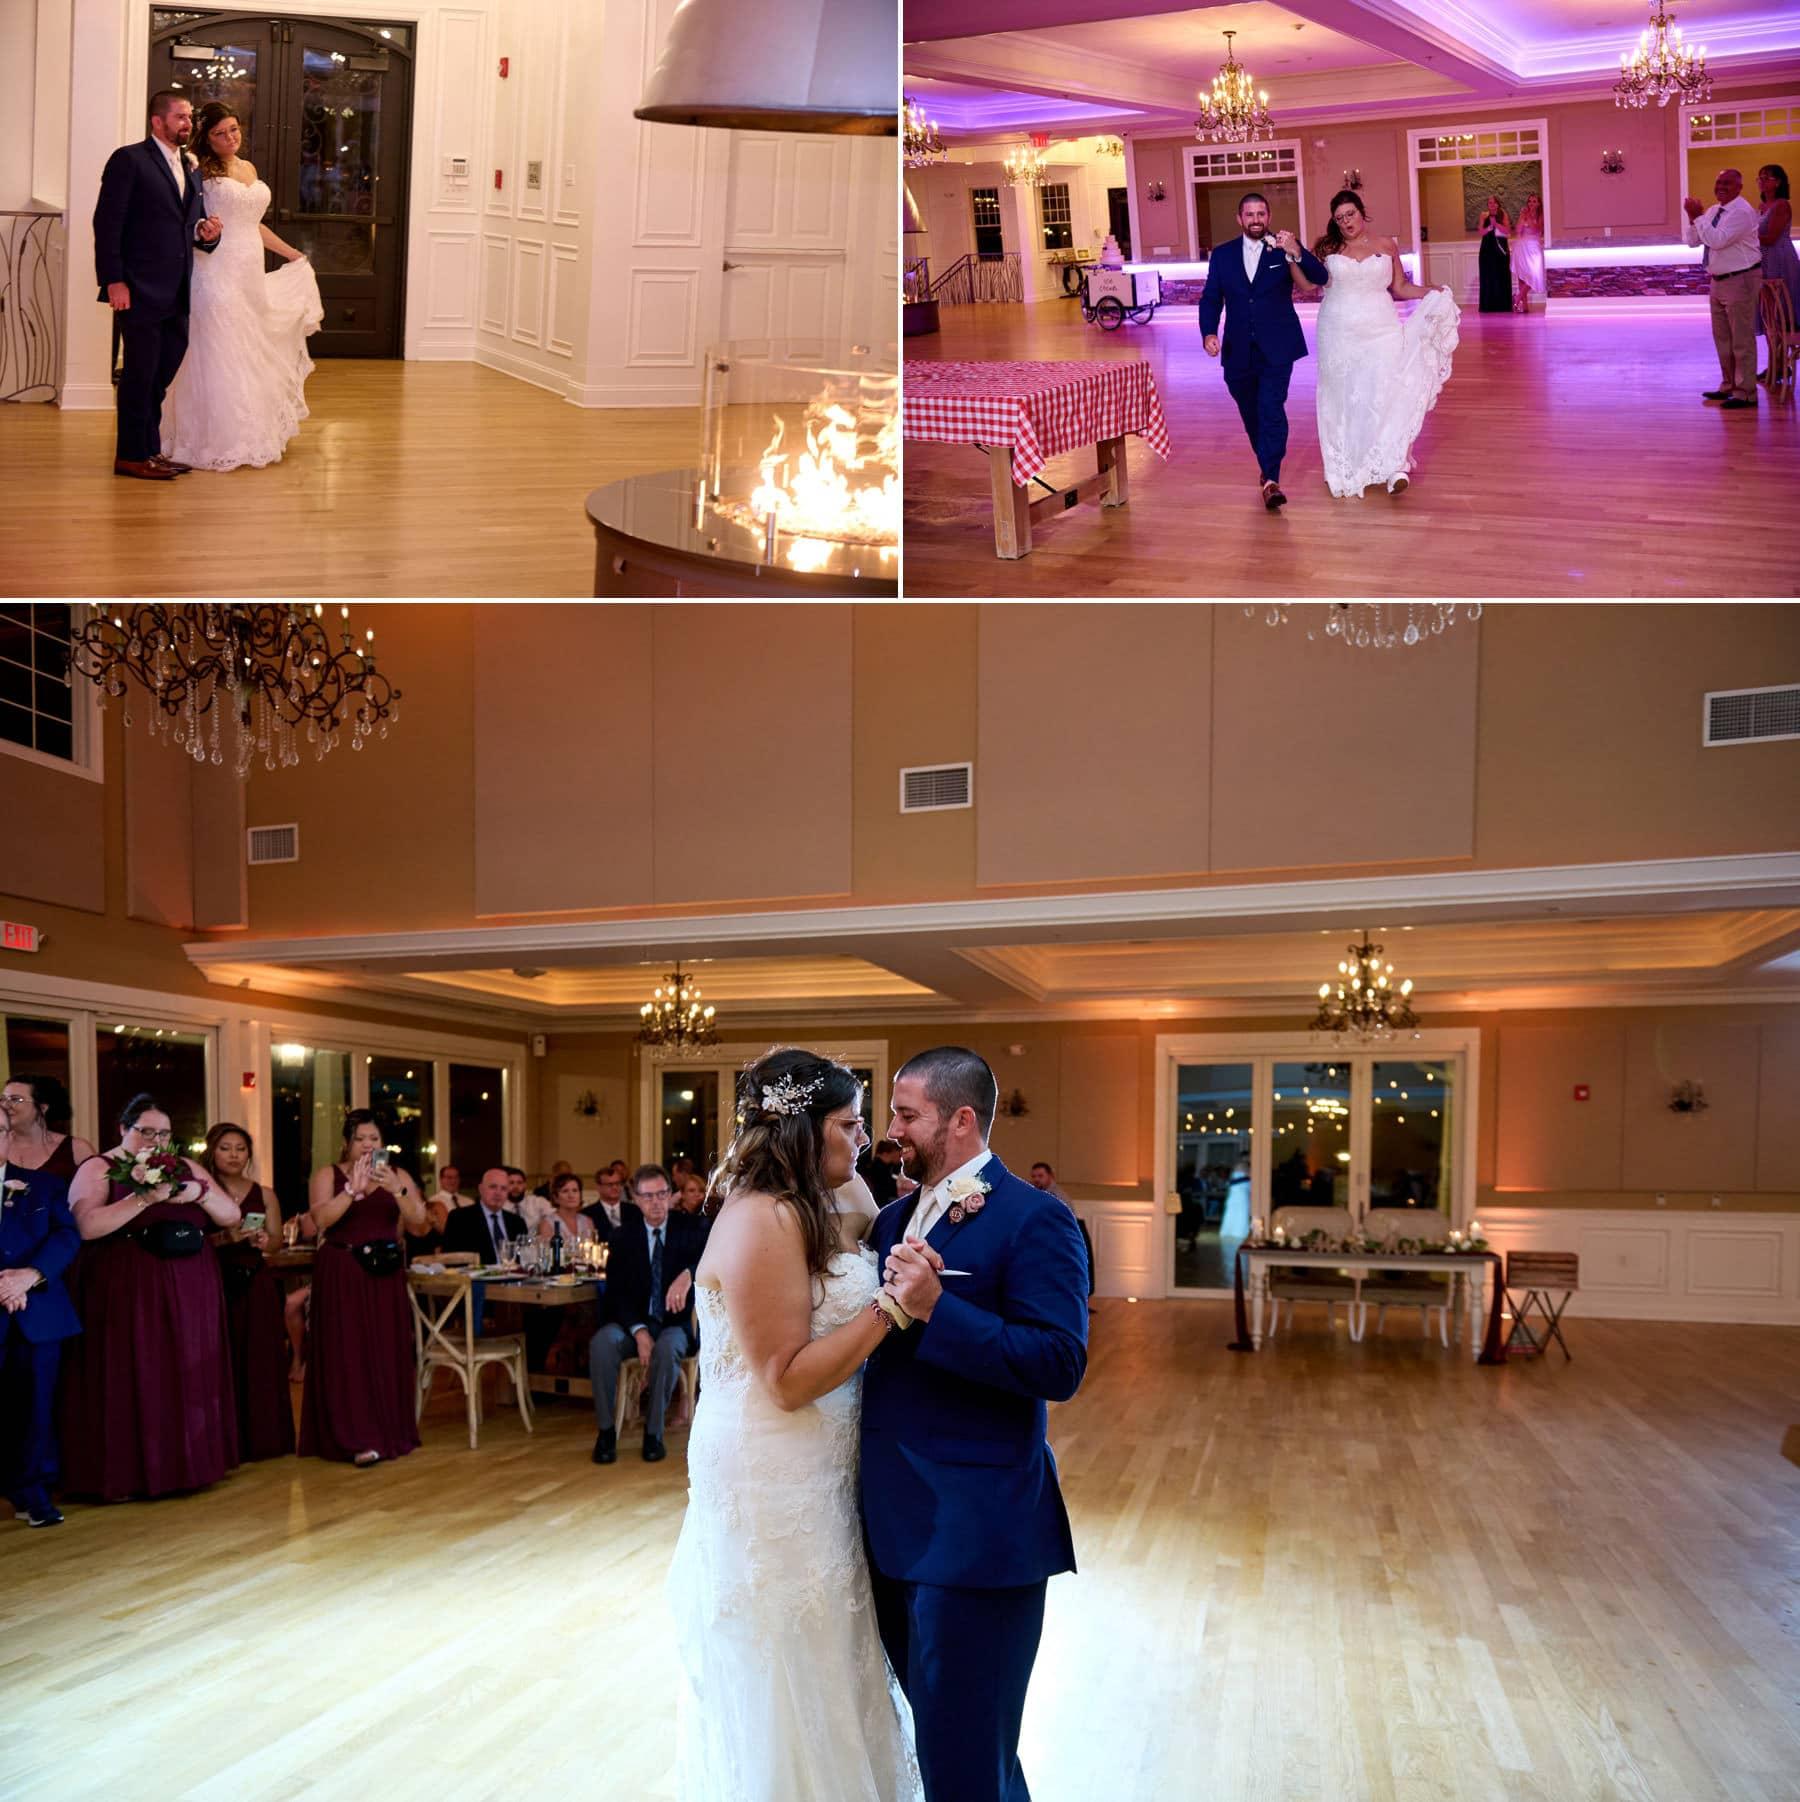 bear brook valley wedding first dance photos